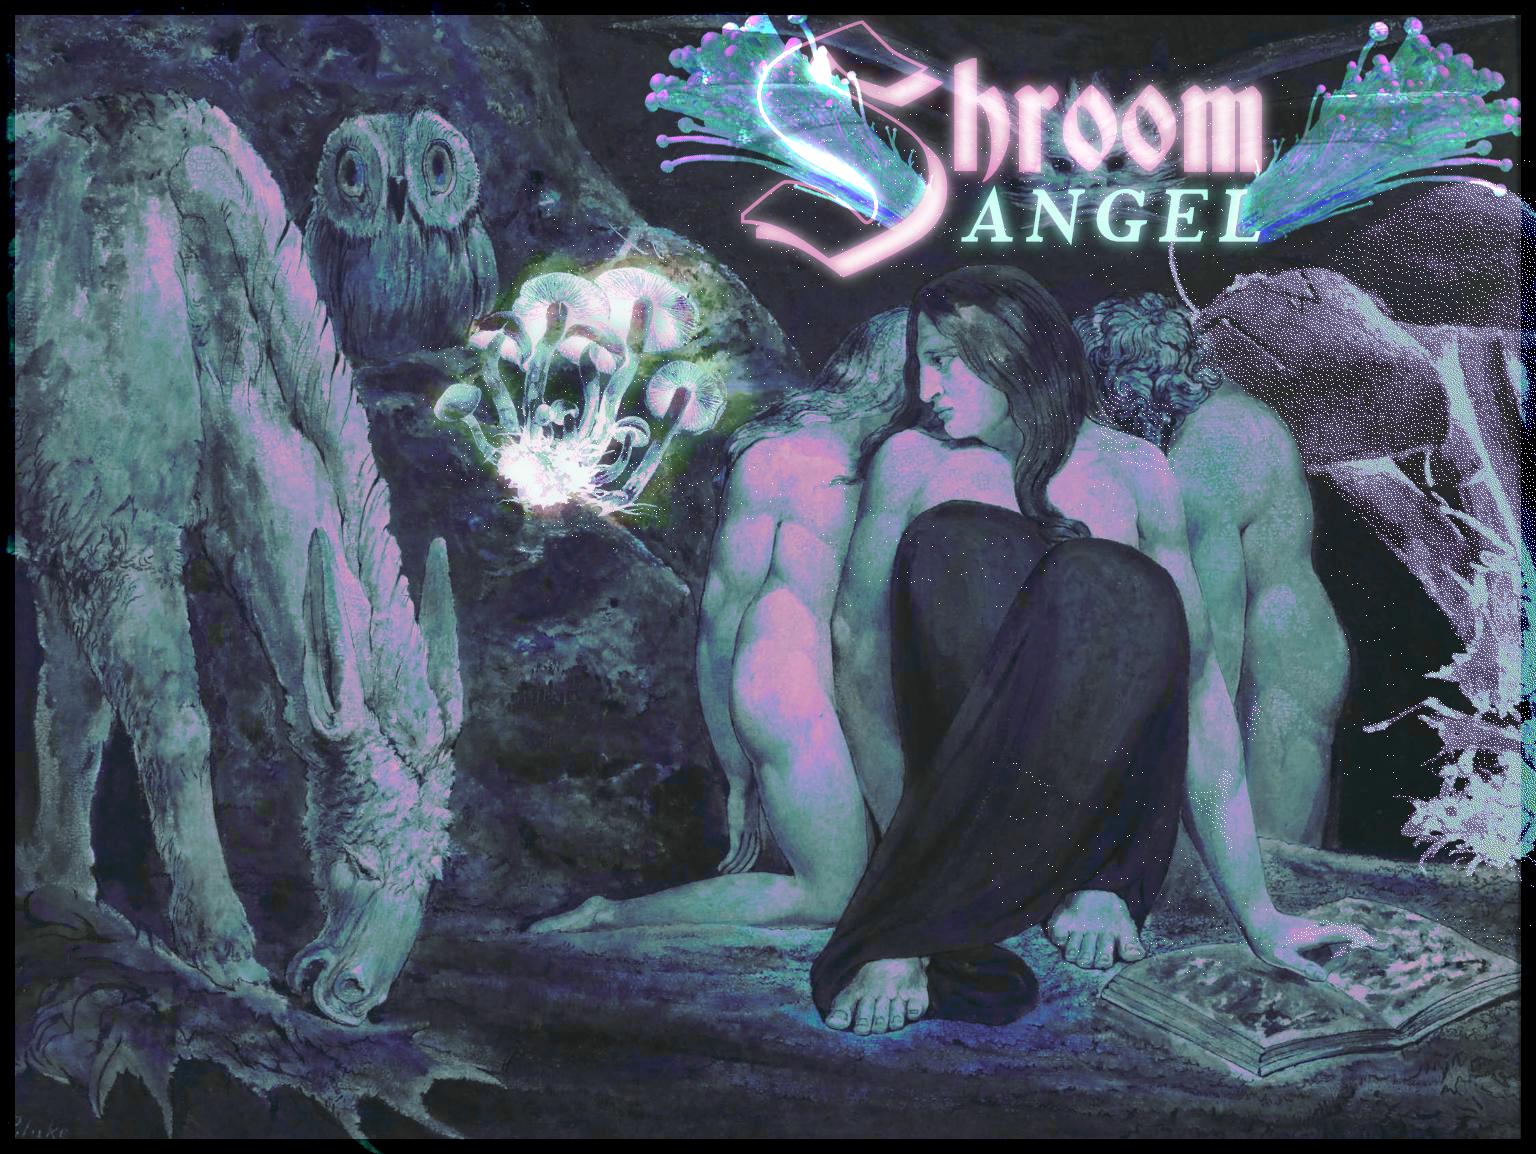 🍄 SHROOM ANGEL 🍄